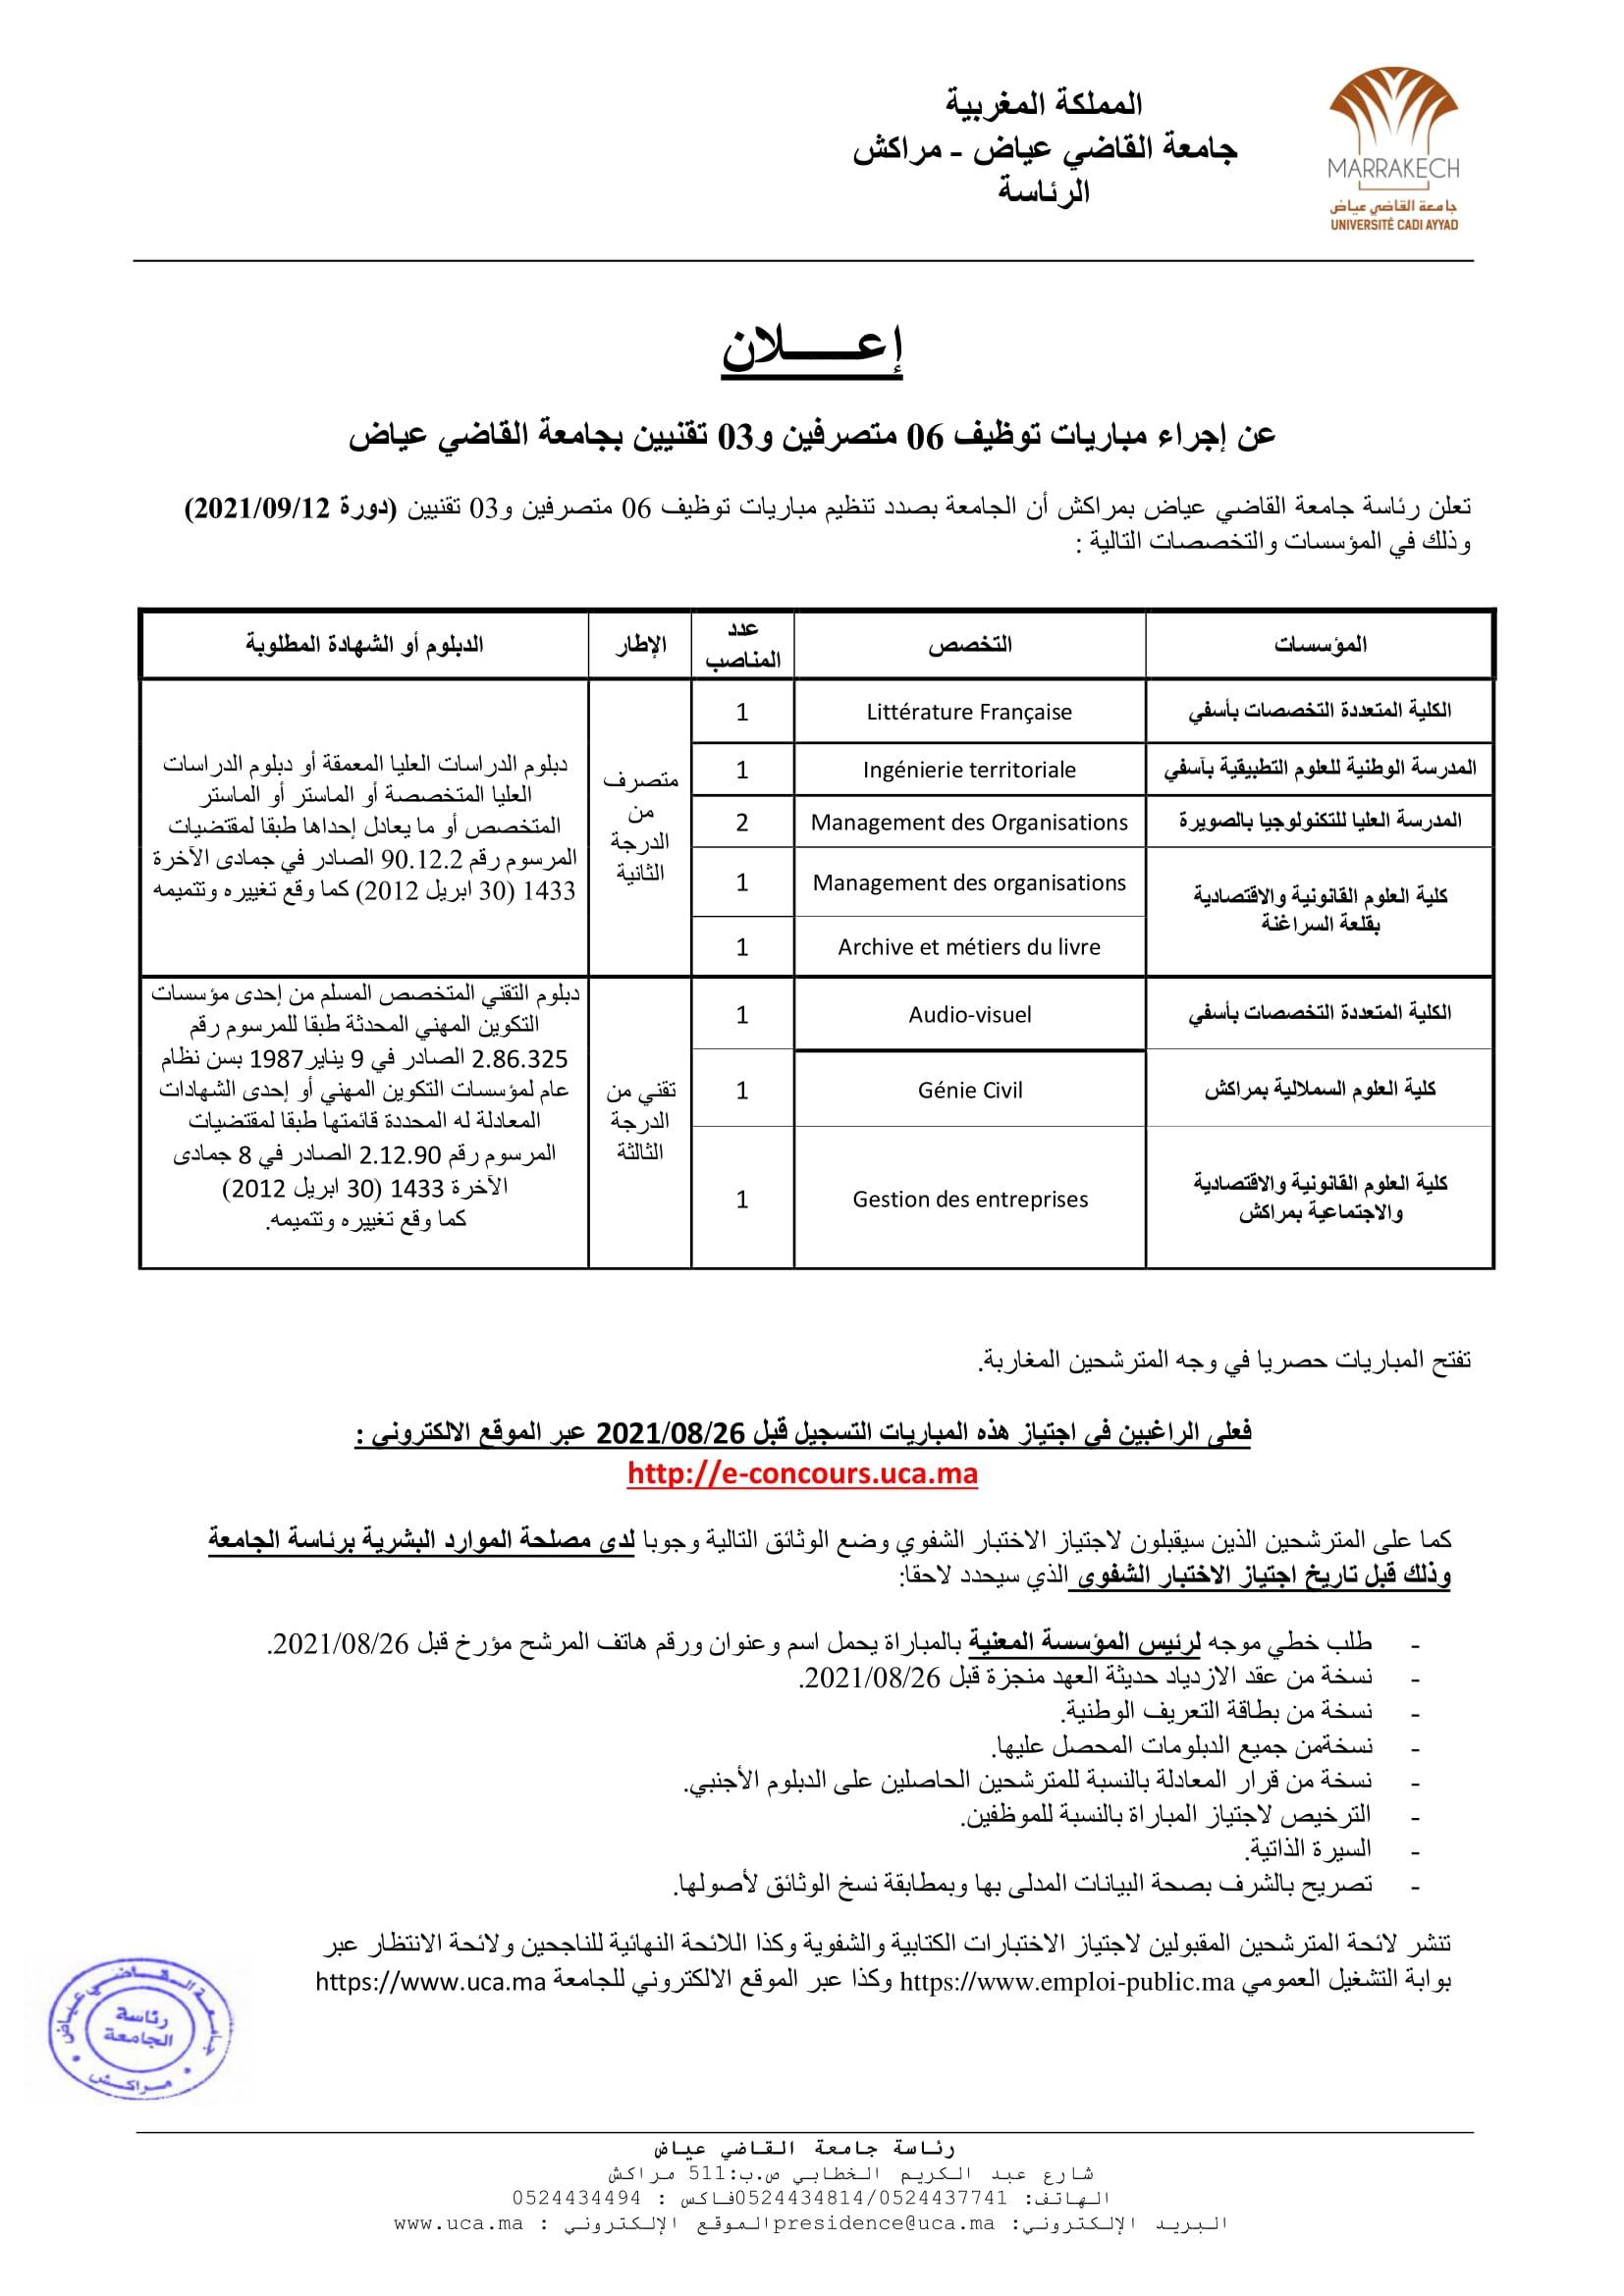 adm 1 Concours Université Cadi Ayyad 2021 (19 Postes)